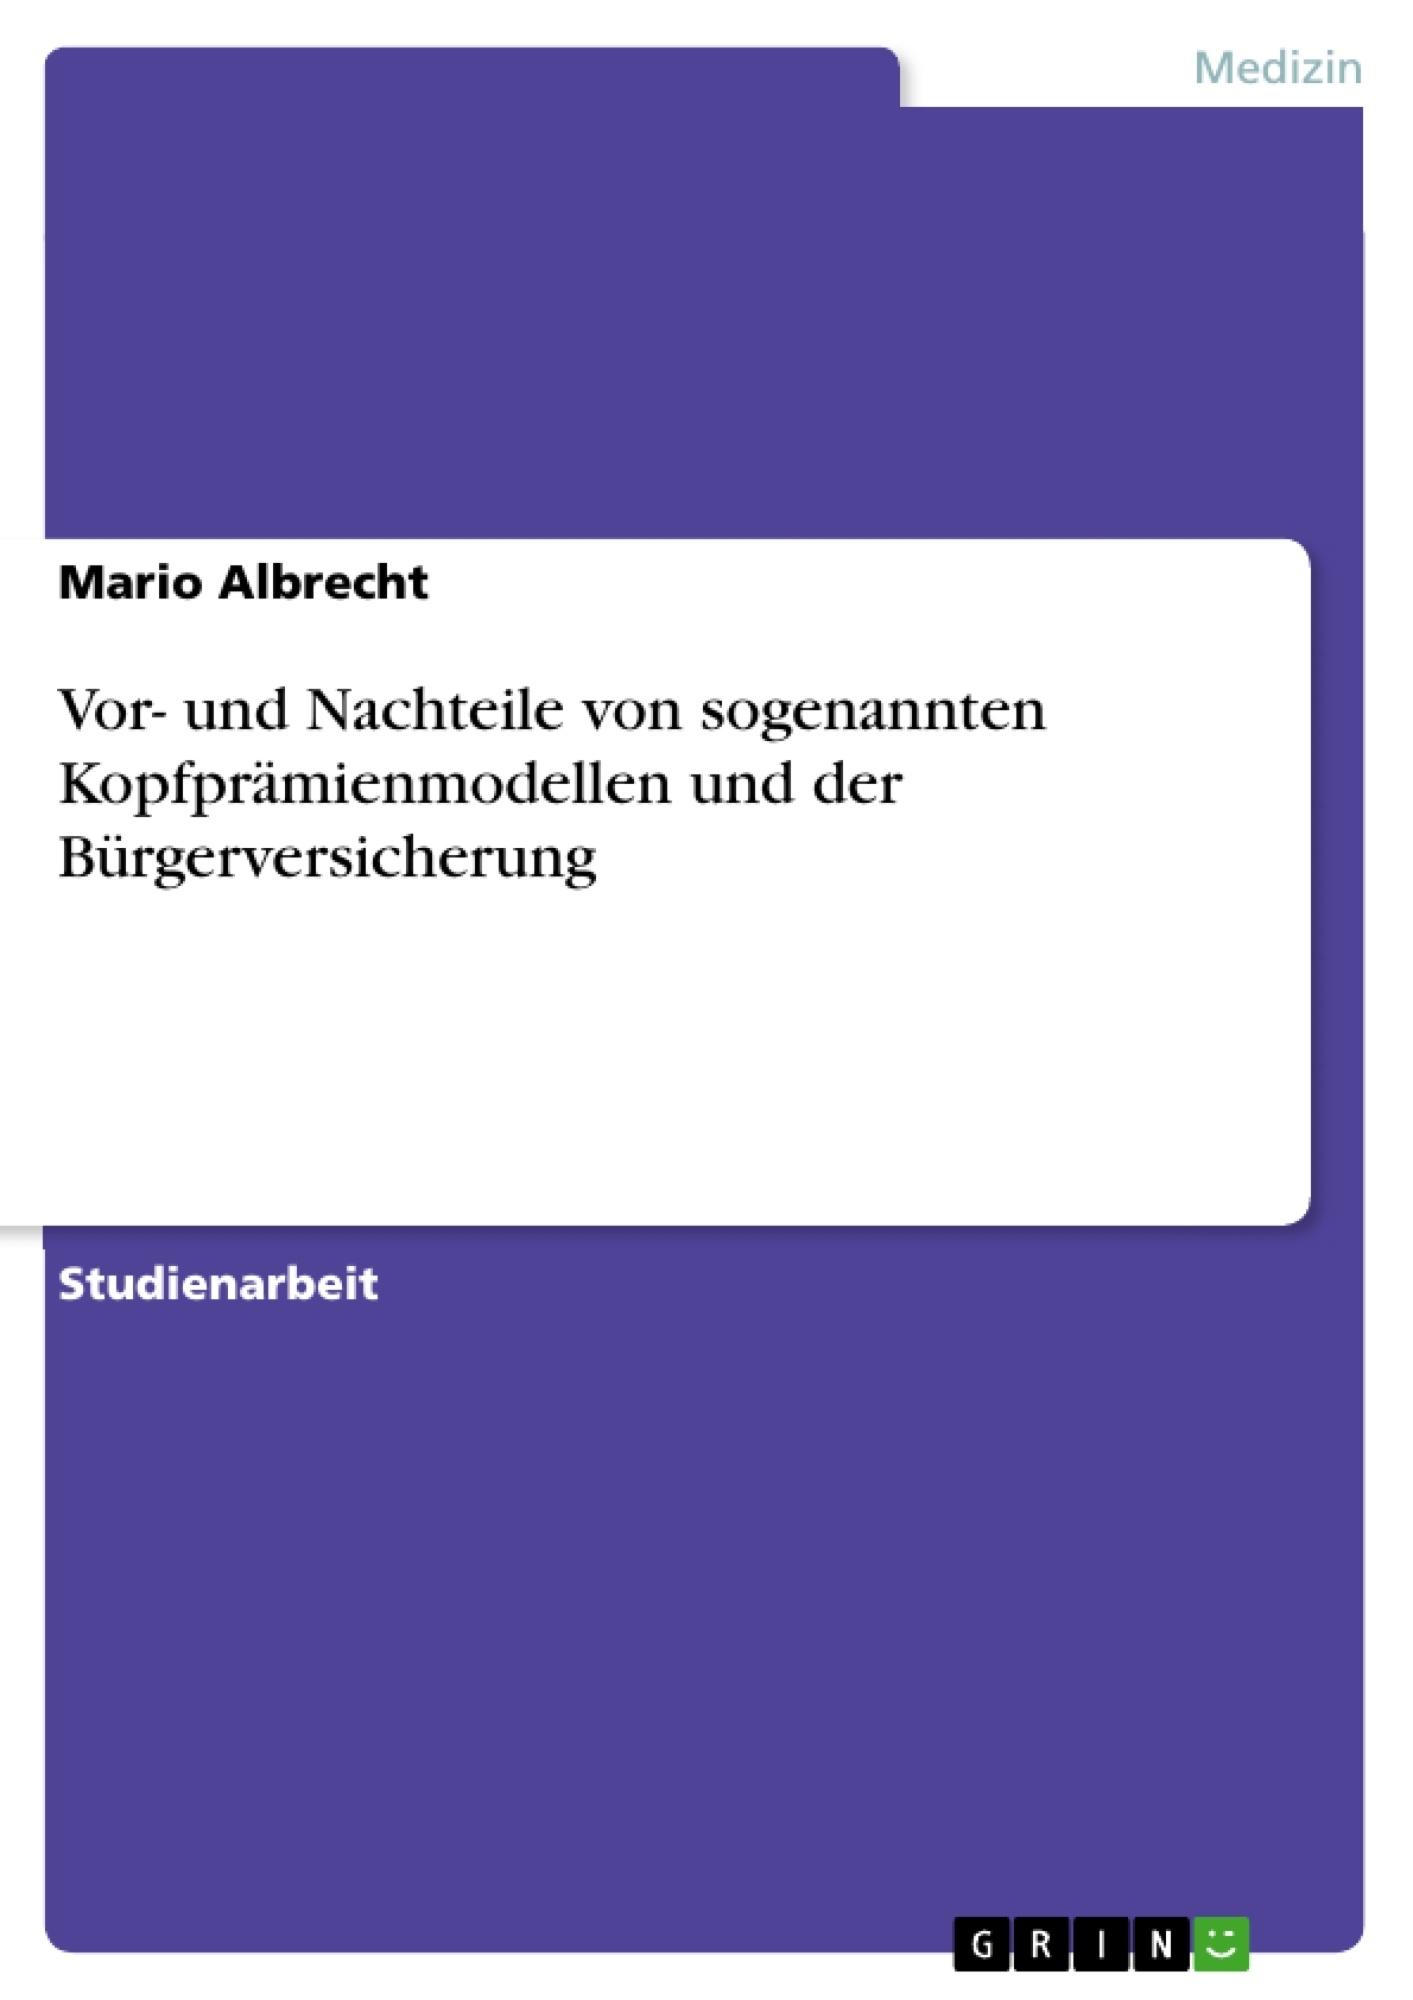 Titel: Vor- und Nachteile von sogenannten Kopfprämienmodellen und der Bürgerversicherung